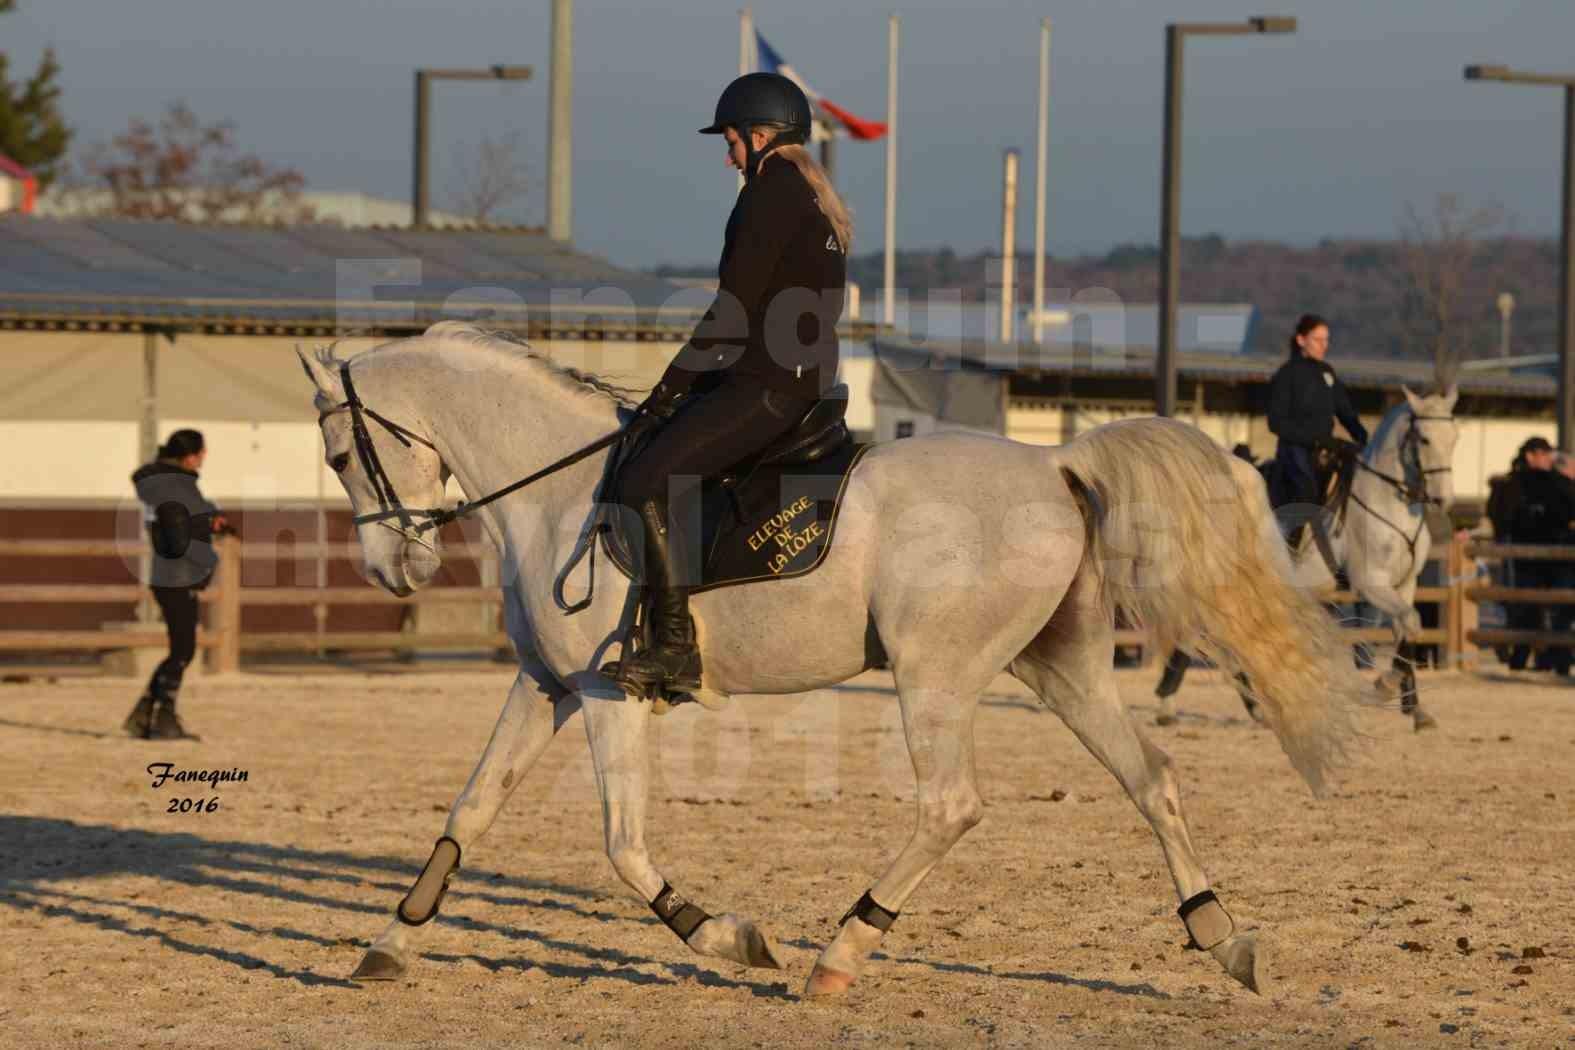 Cheval Passion 2016 - Présentation extérieure de chevaux Arabes montés - 20